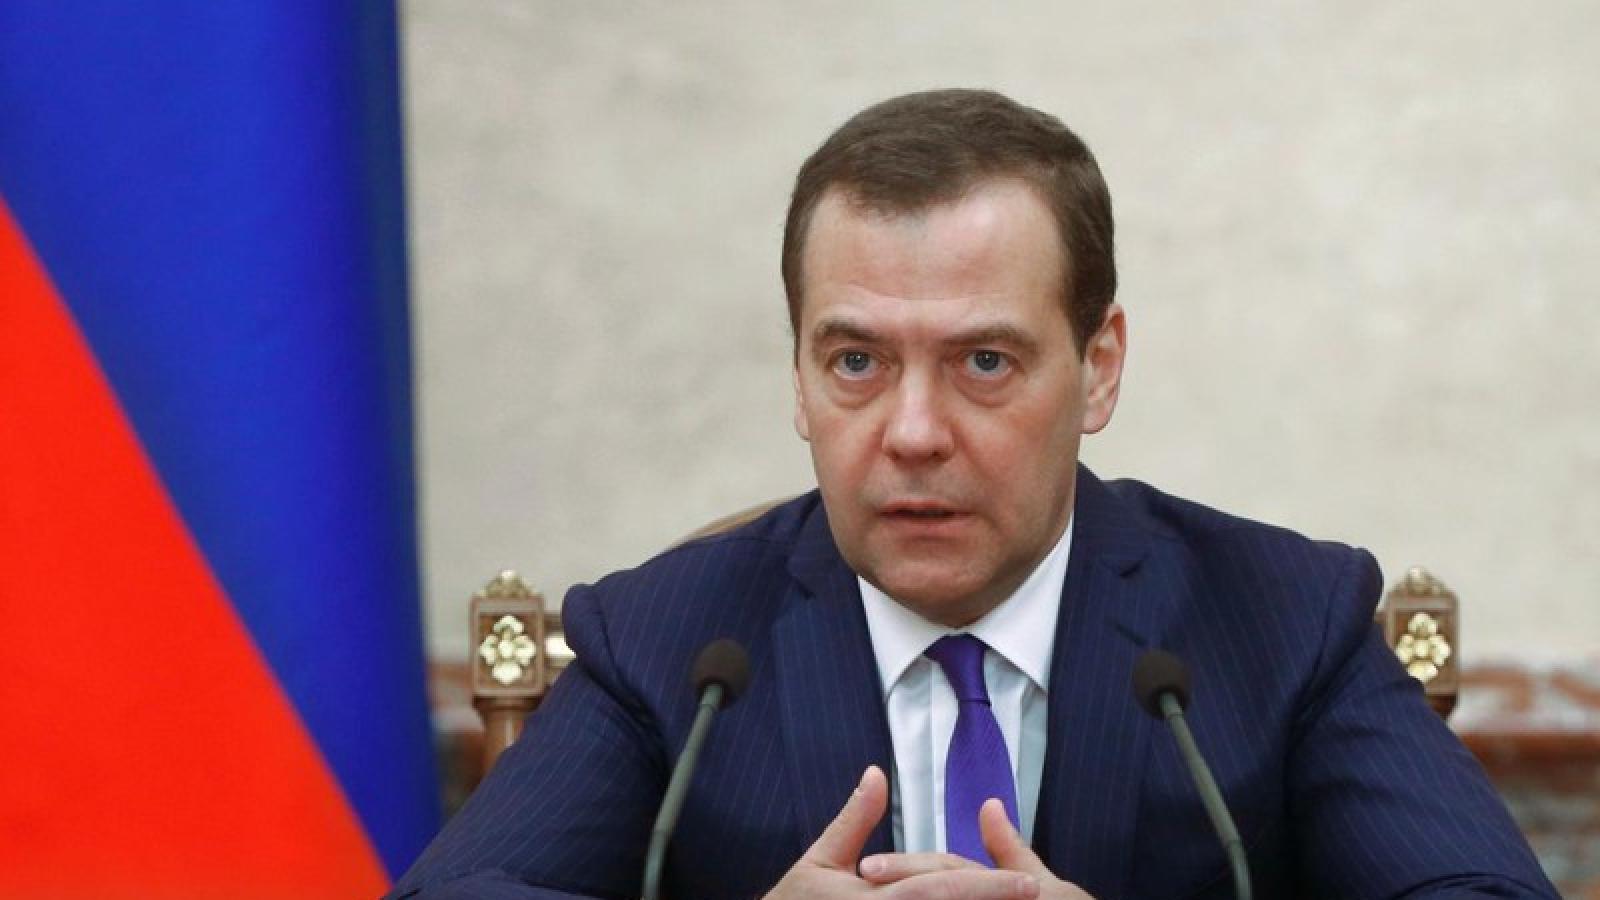 Nga cảnh báo Belarus sẽ trả giá khi bắt giữ các nhà thầu quân sự